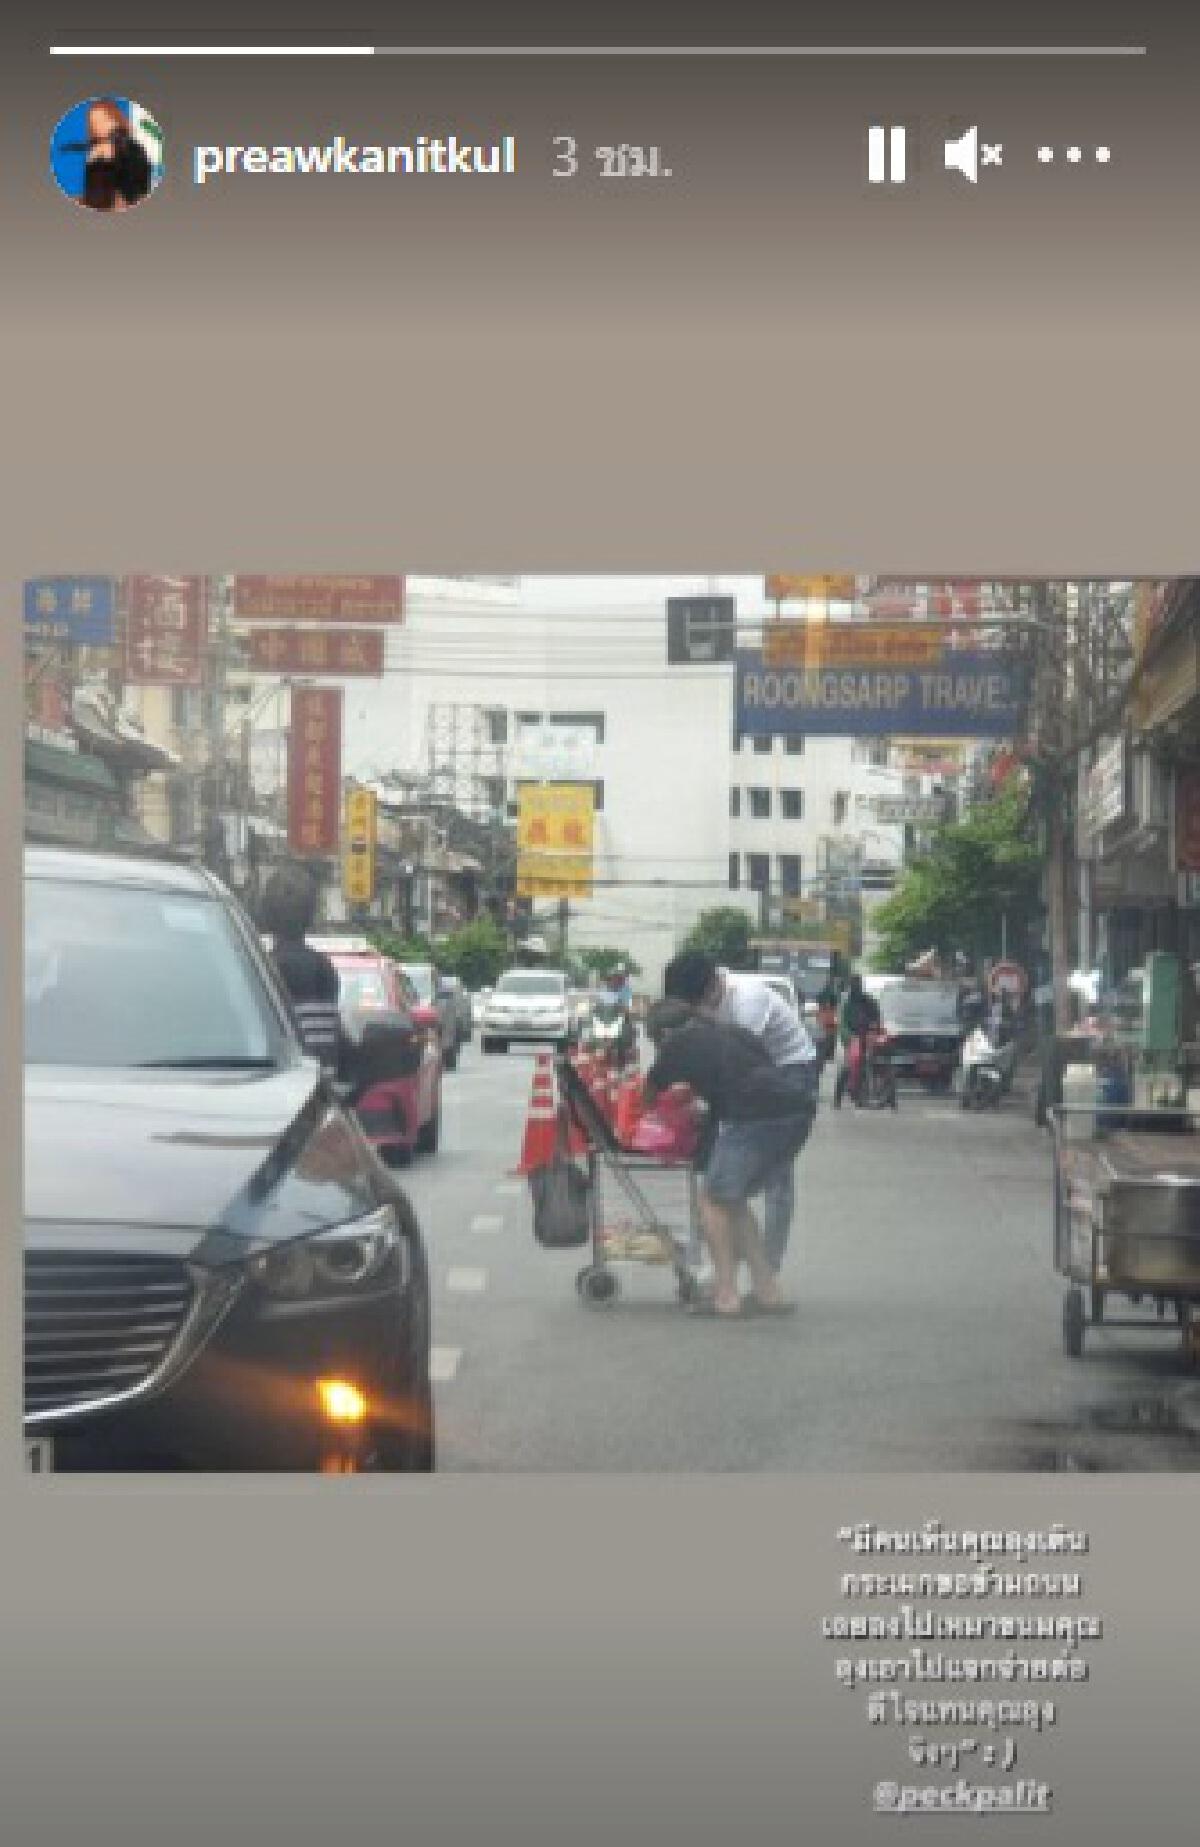 เป๊ก ผลิตโชค กับมุมน่ารัก ลงจากรถไปช่วยคุณลุงข้ามถนน พร้อมเหมาขนมไปแจก